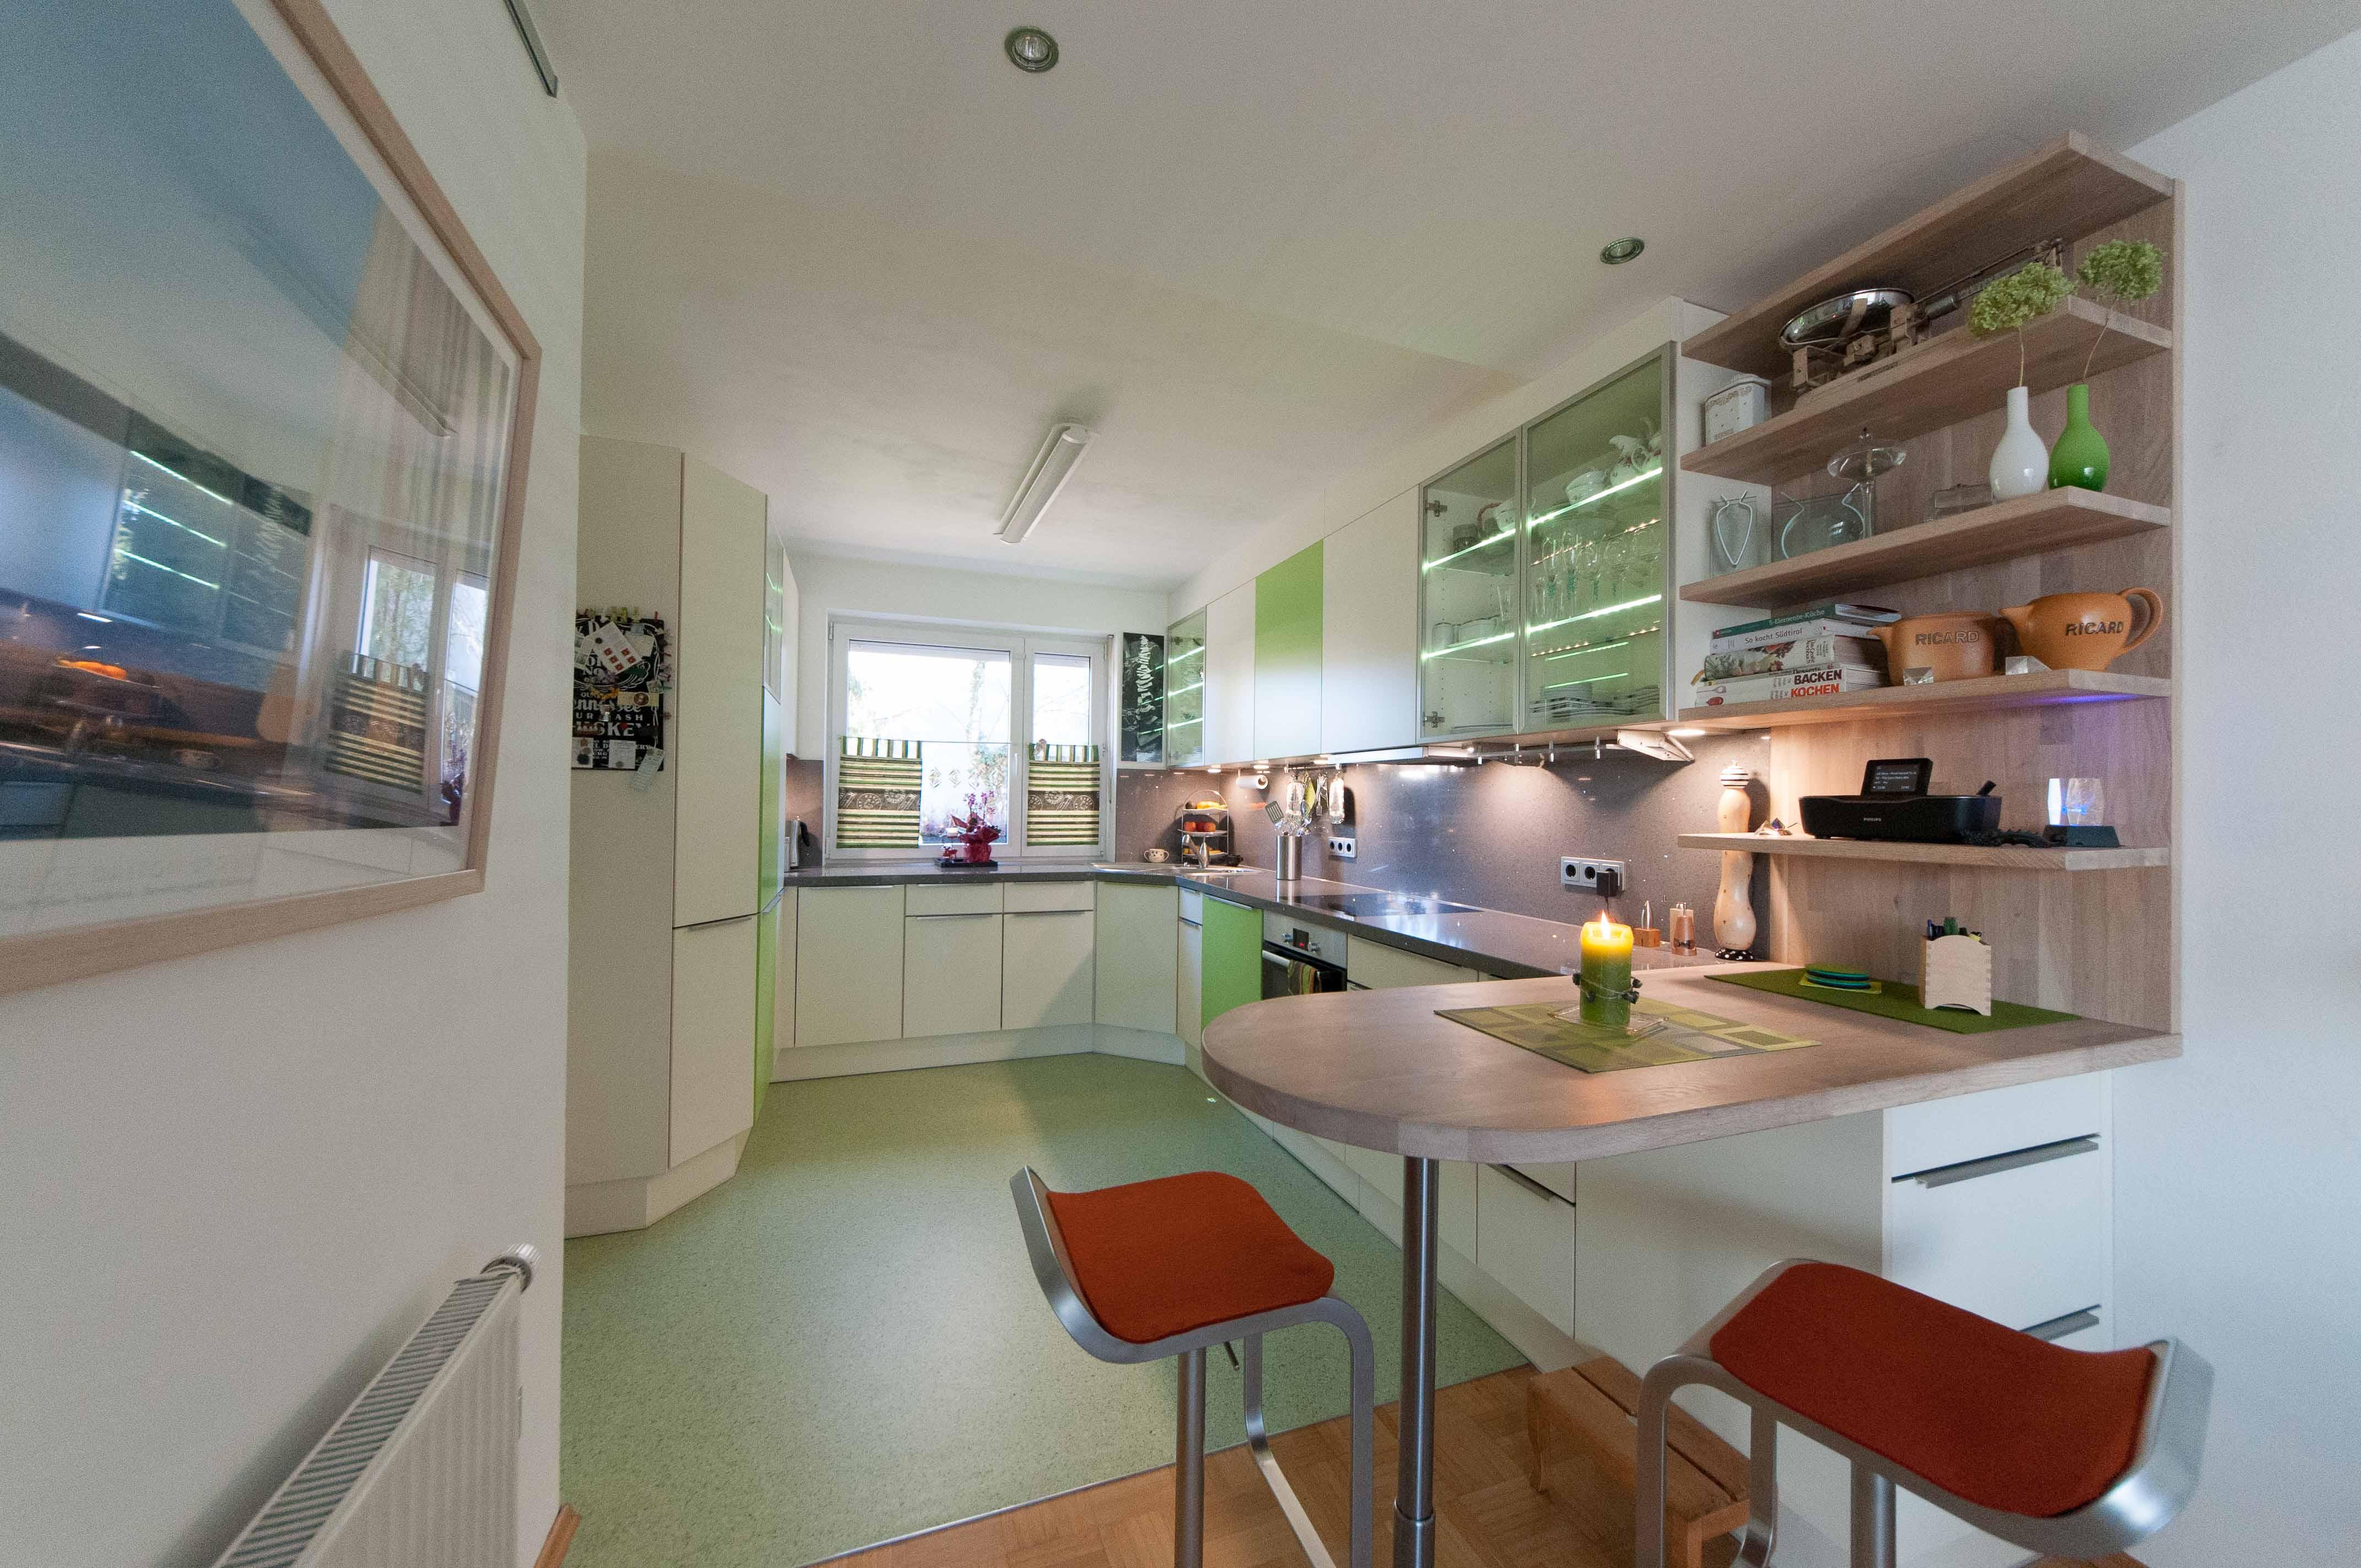 Grüne Fronten hochglanz und Matt in der Küche